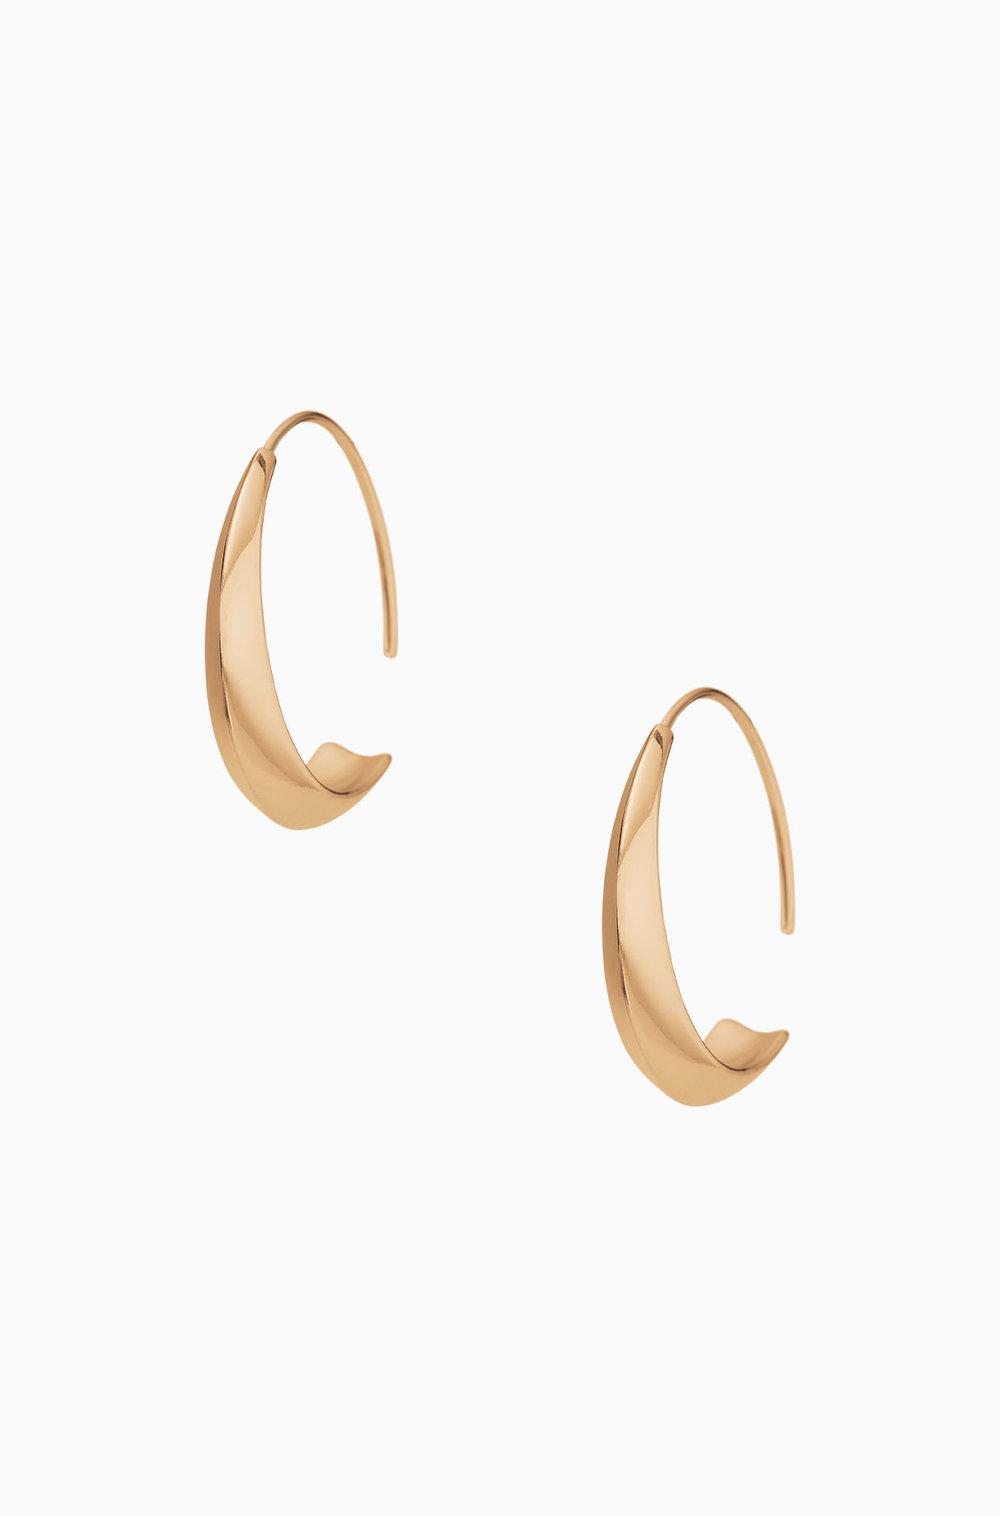 Dome Hoop Earrings $39